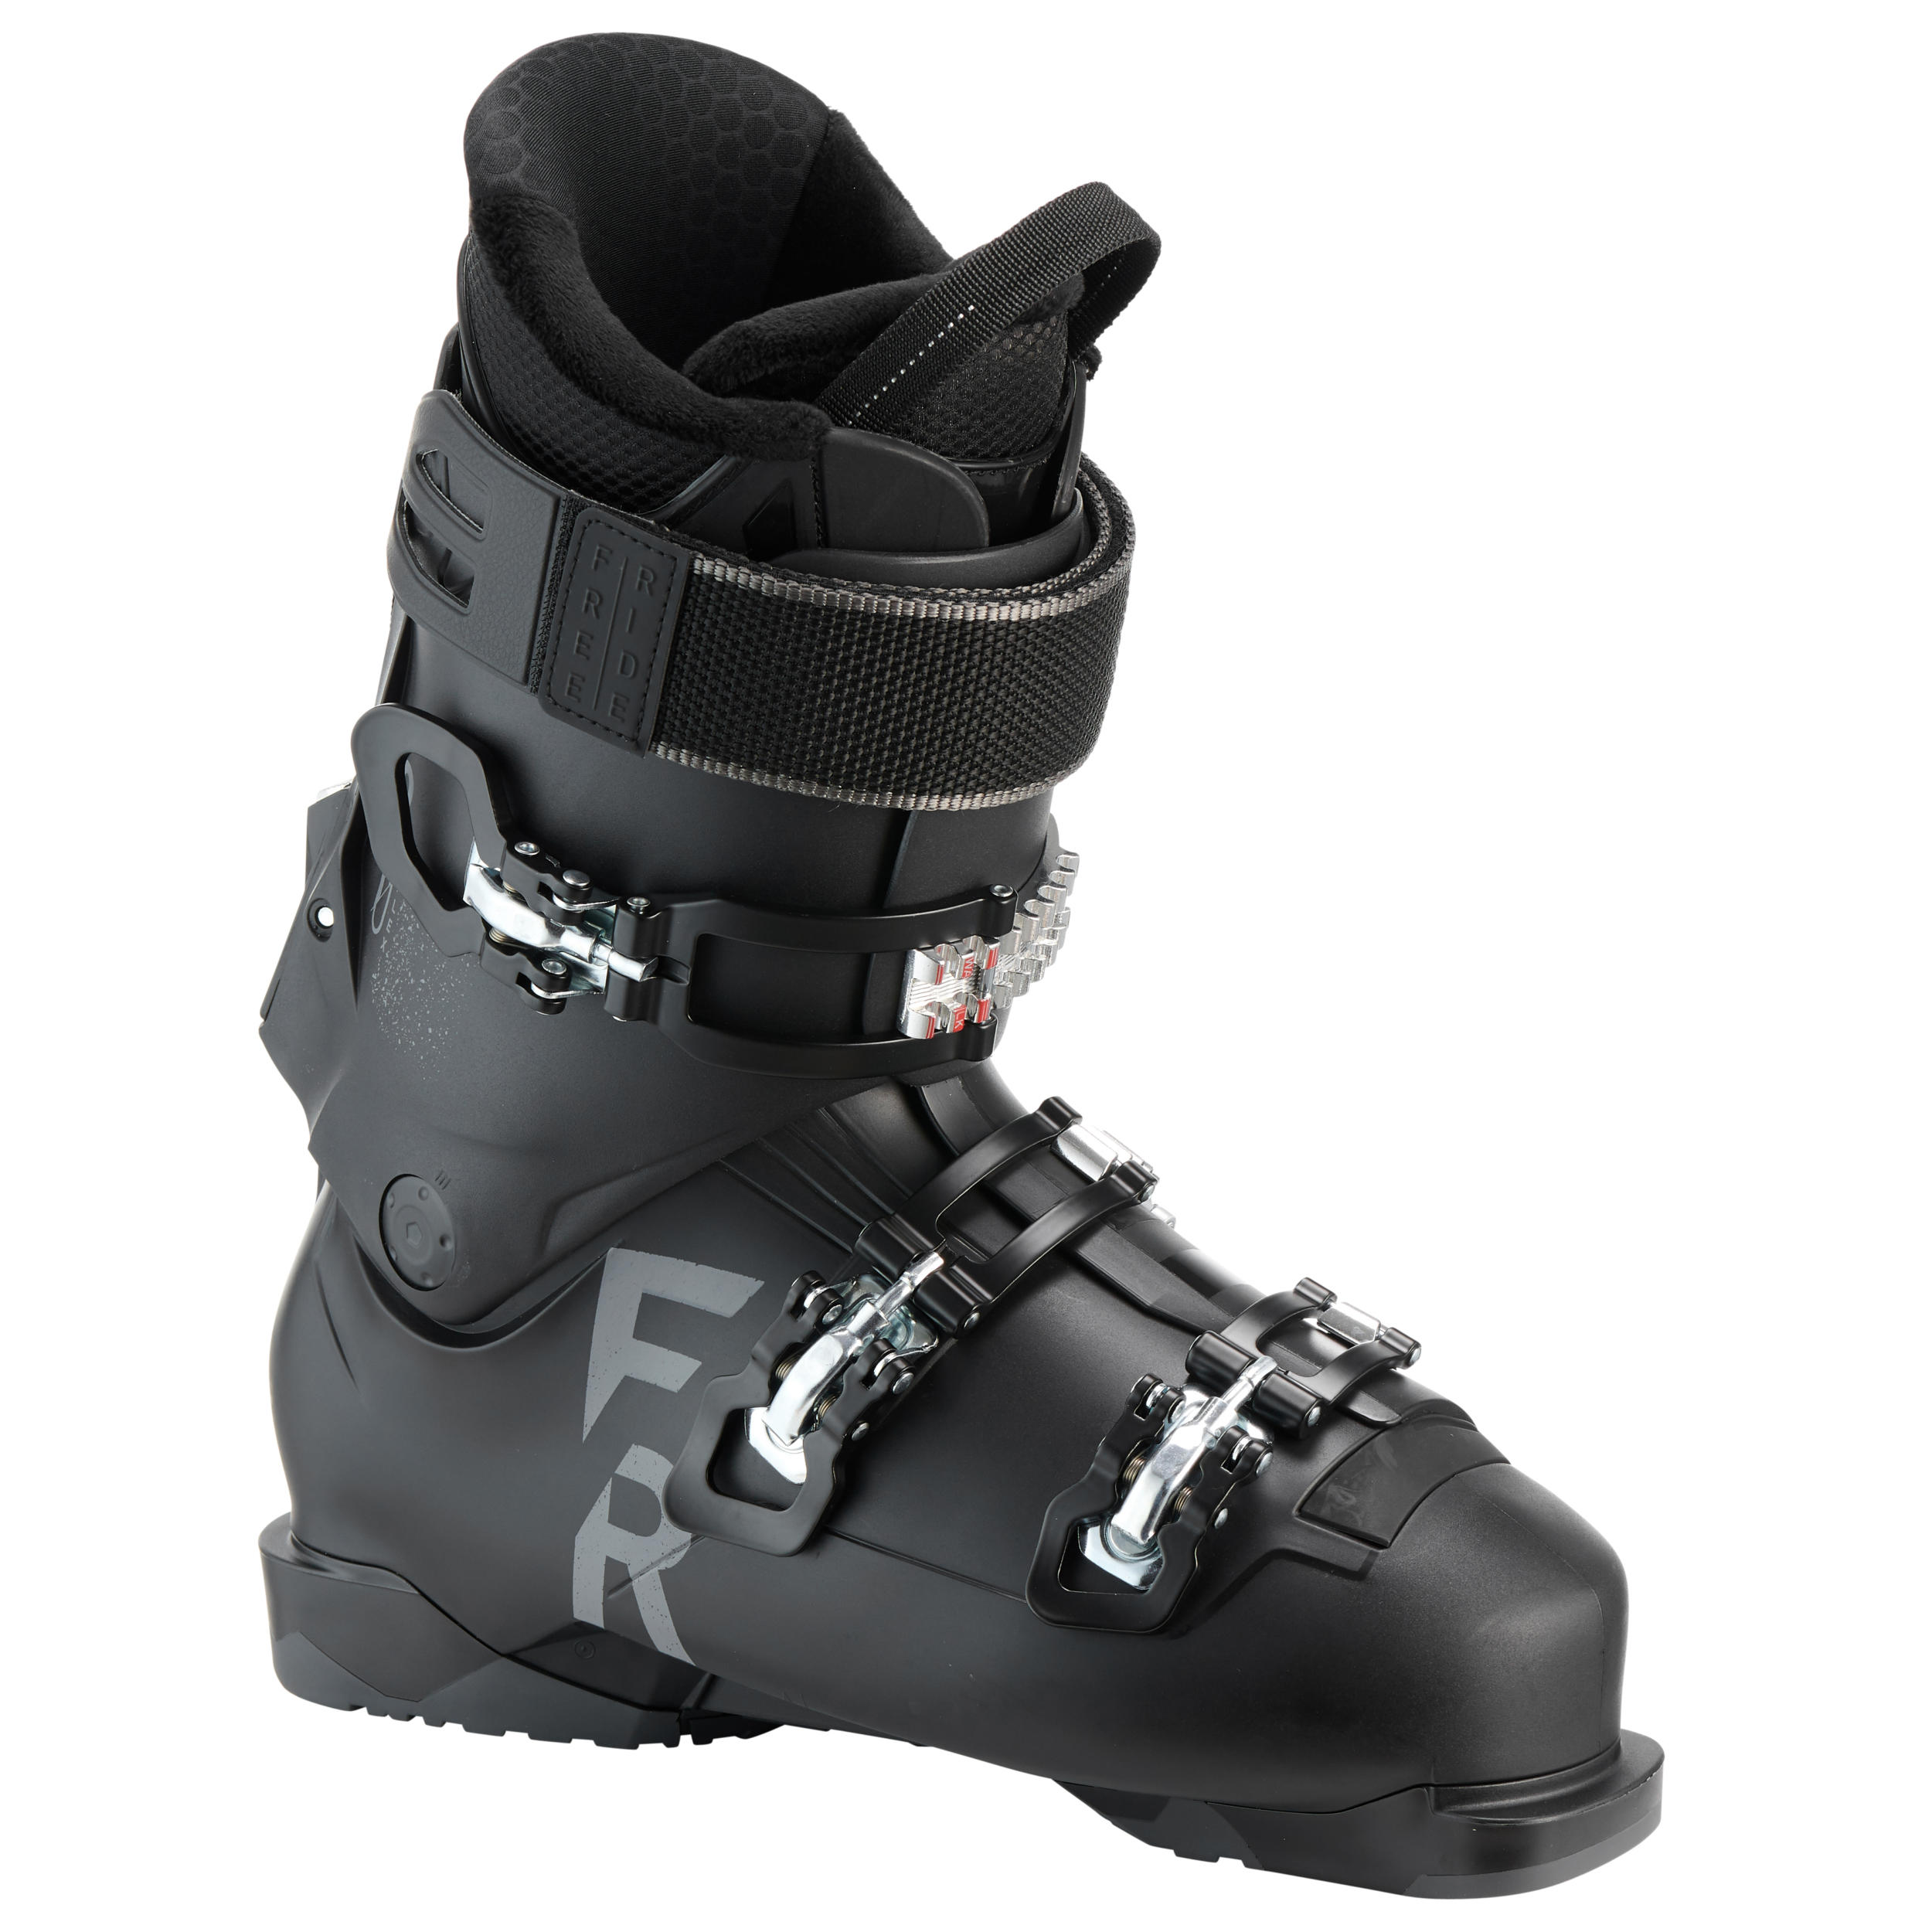 Clăpari schi FR 100 Adulți imagine